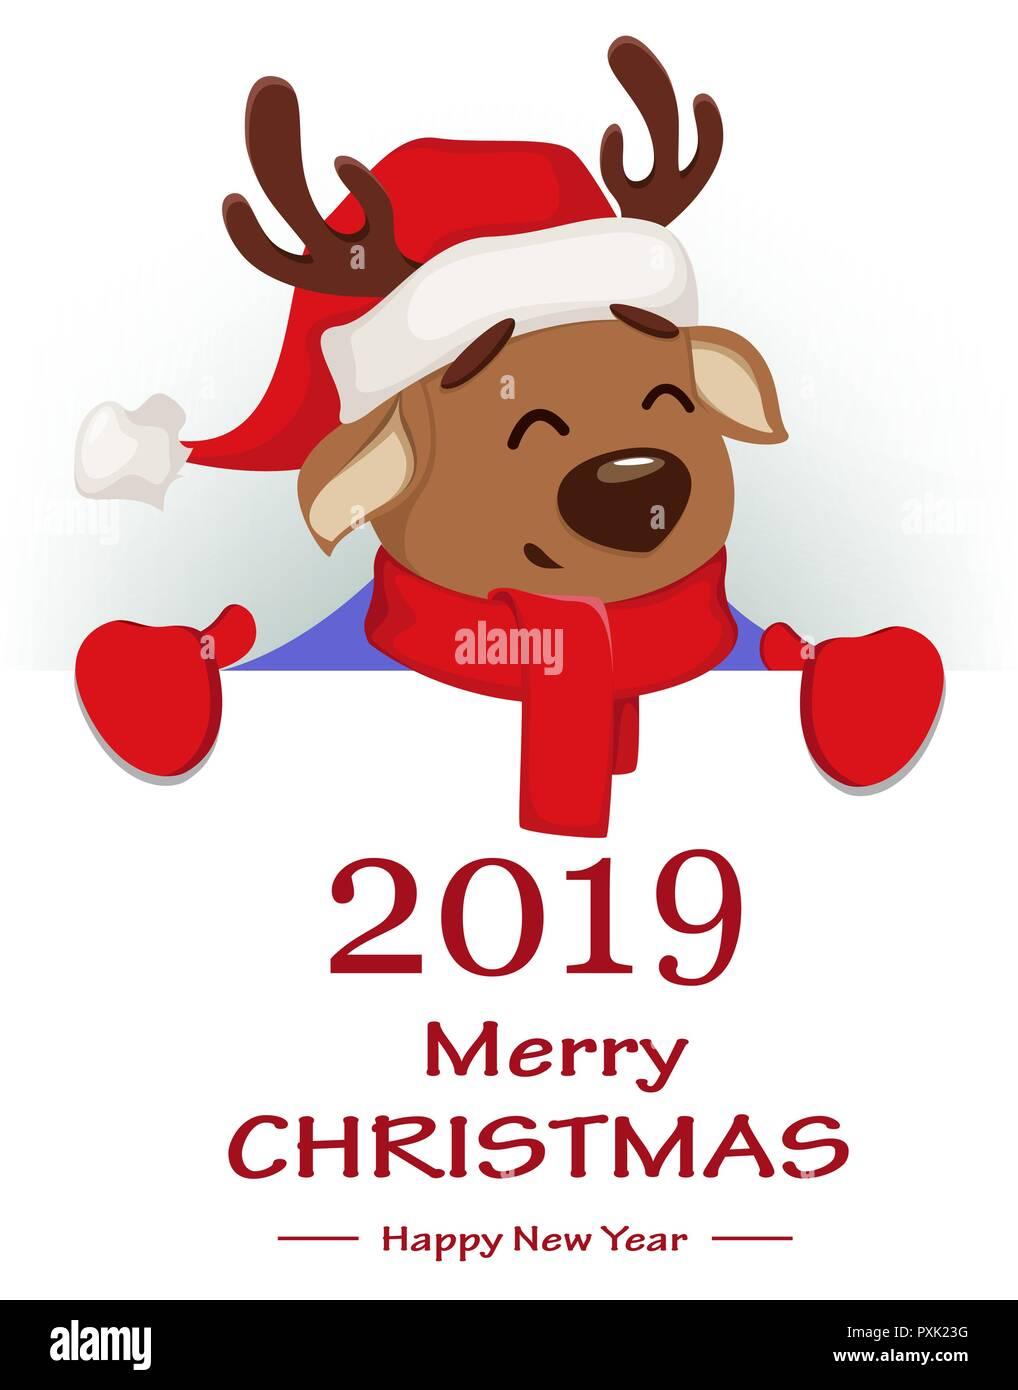 Immagini Divertenti Natale 2019.Auguri Di Buon Natale Carino Cervi Indossando Santa Claus